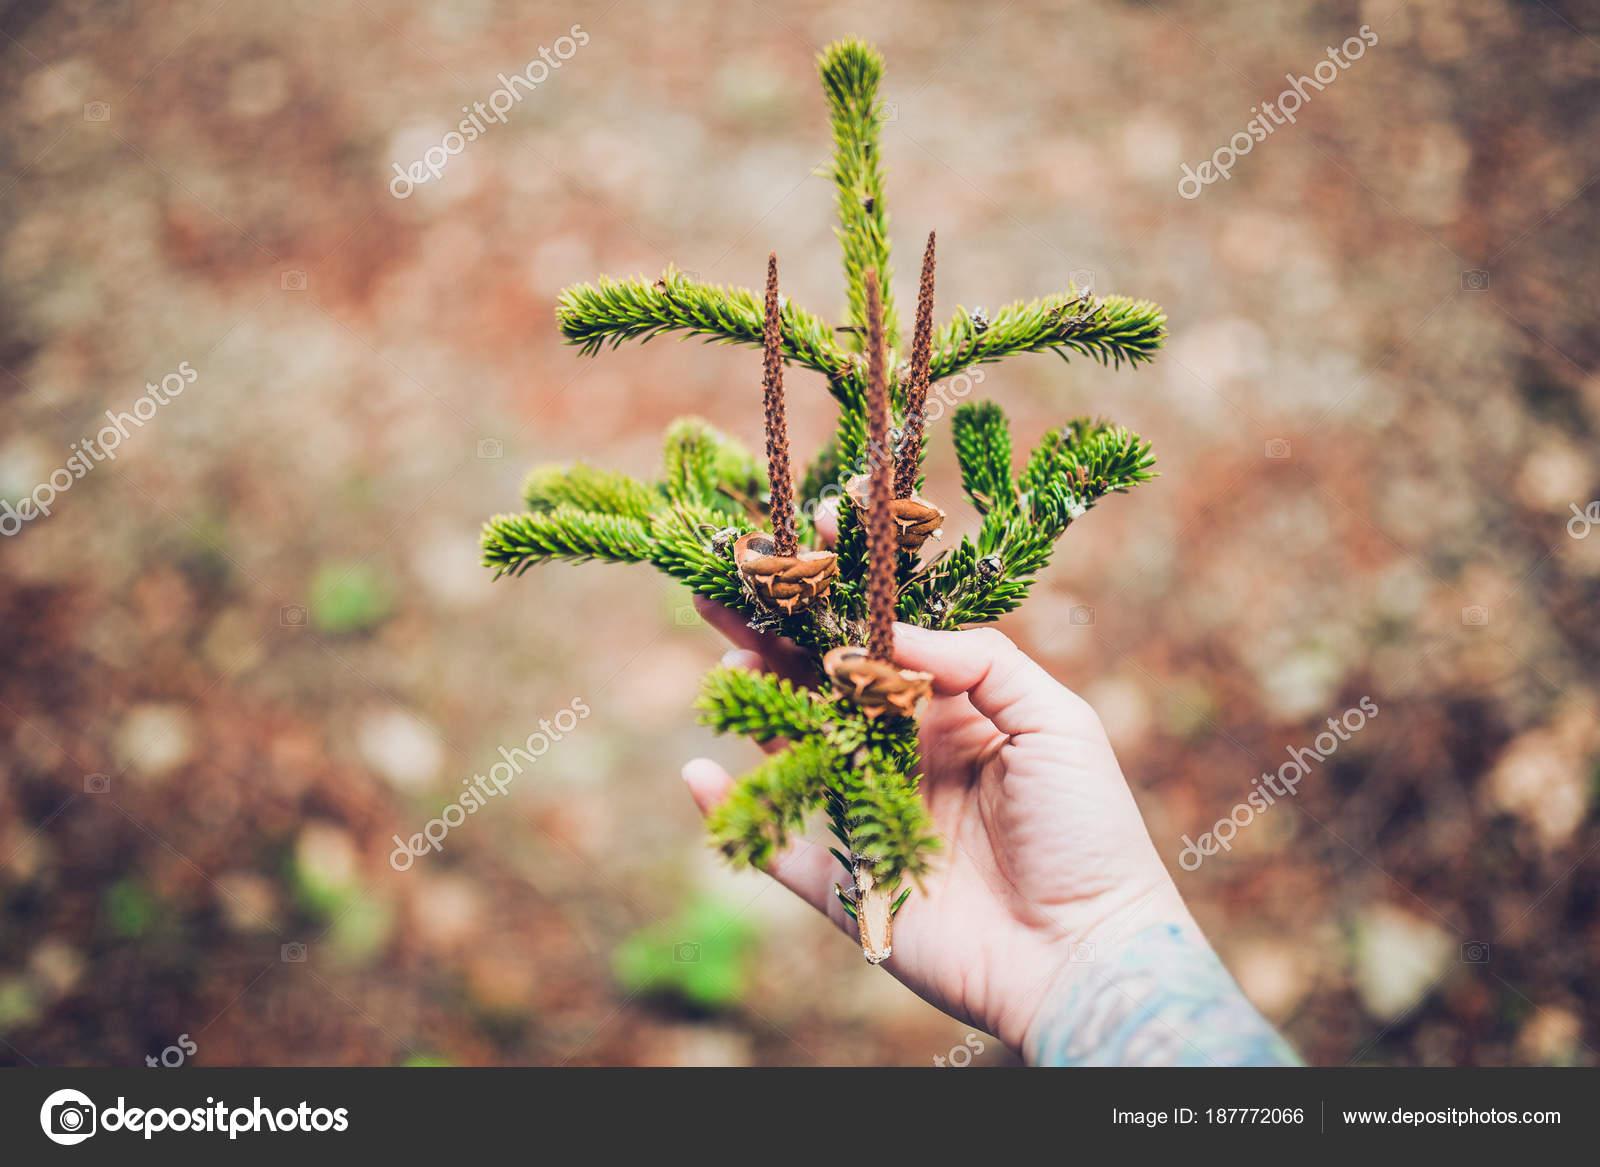 AuBergewohnlich Weibliche Hand Mit Tattoo Hält Frischen Grünen Zweig Pinie Am Holz. Das  Konzept Des ökologischen Tourismus U2014 Foto Von KristinaPonomareva